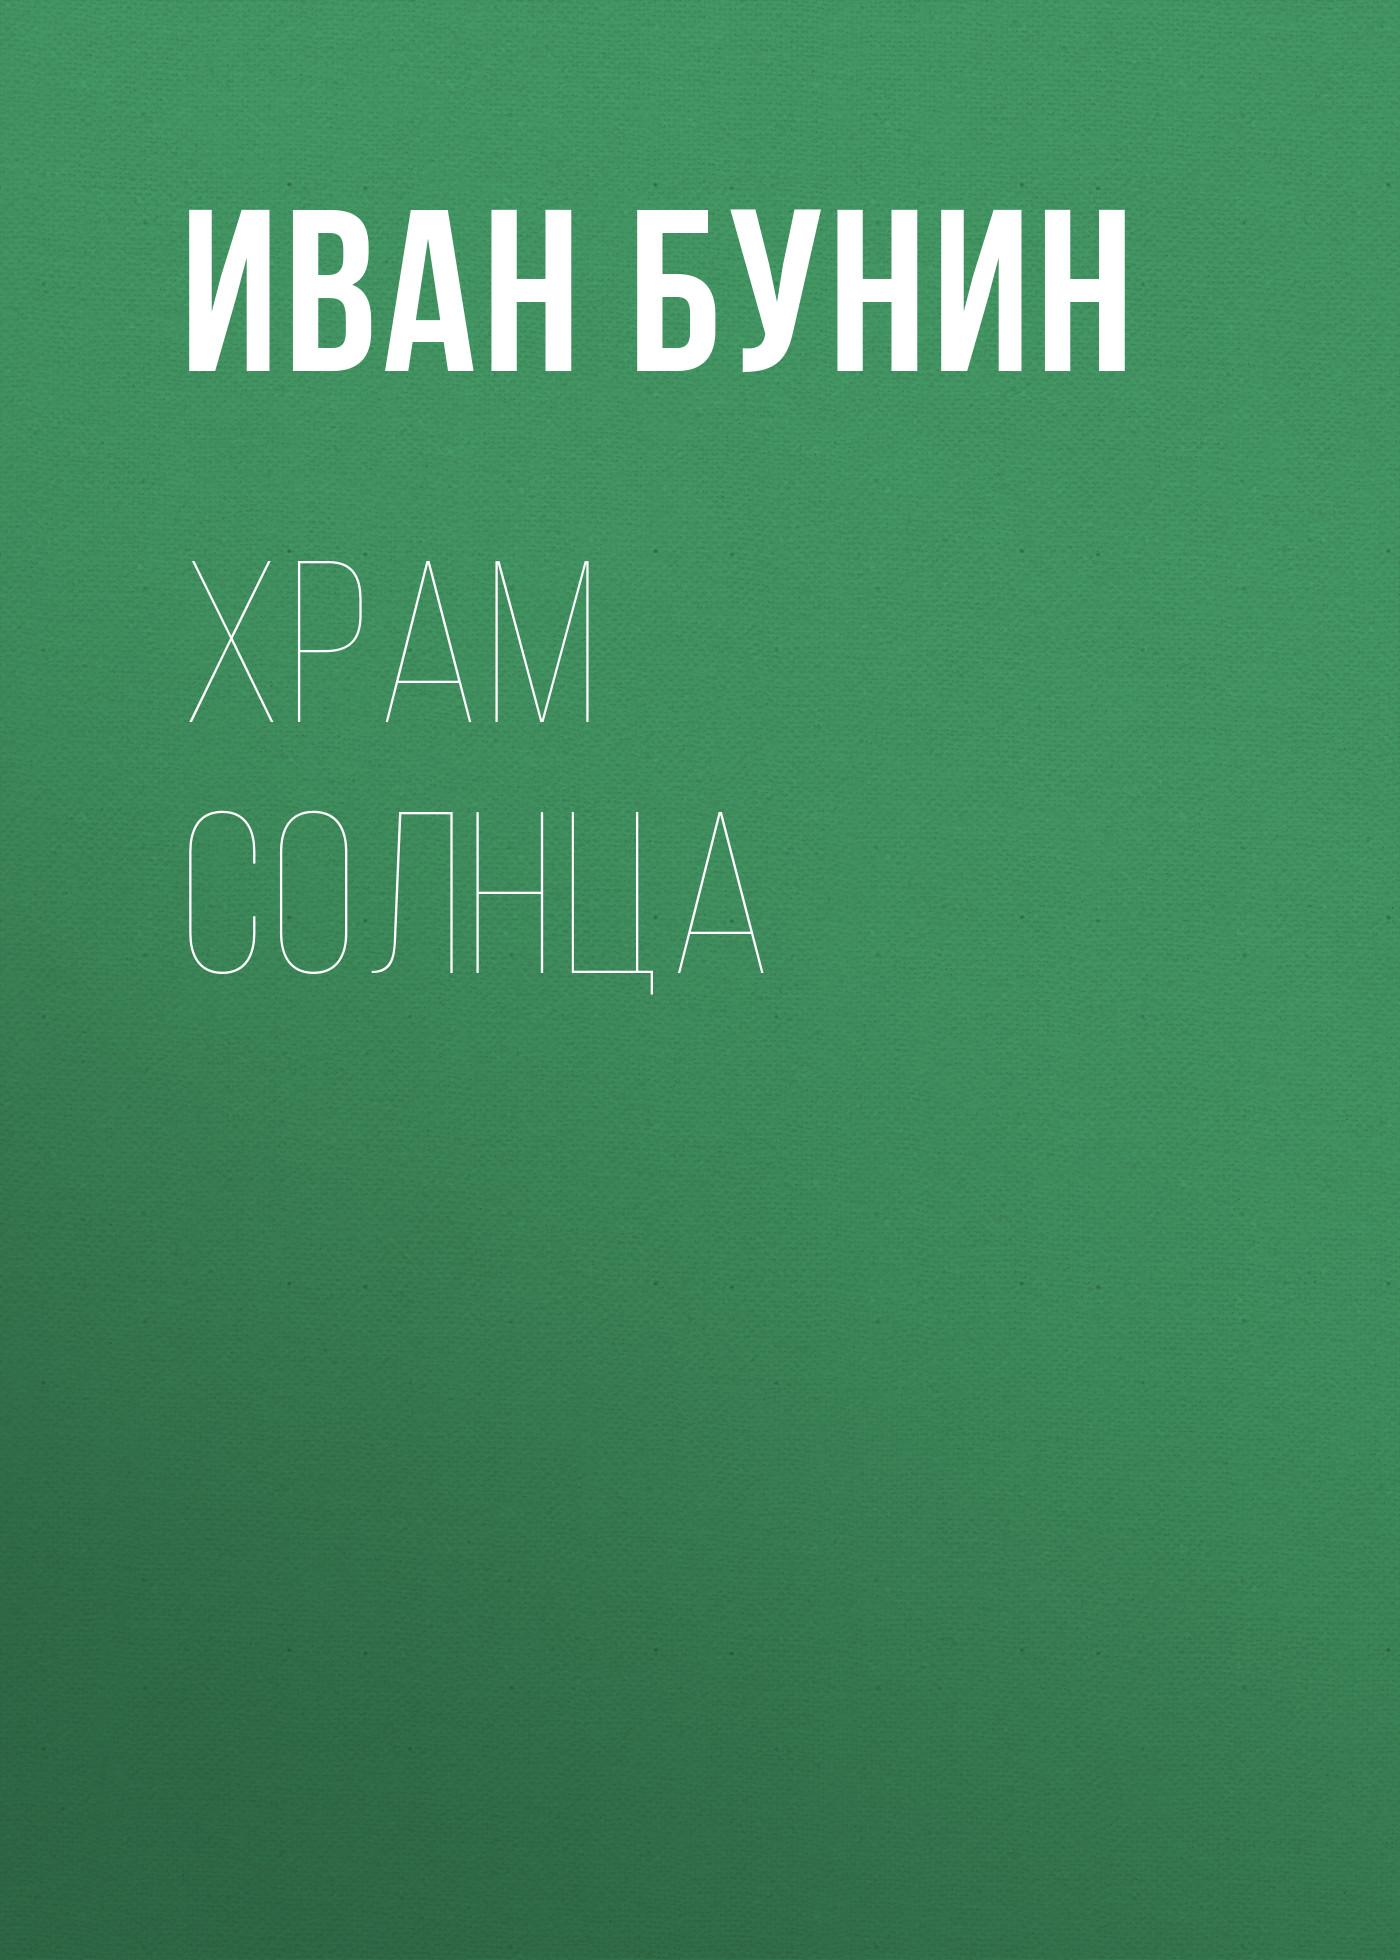 цена на Иван Бунин Храм Солнца